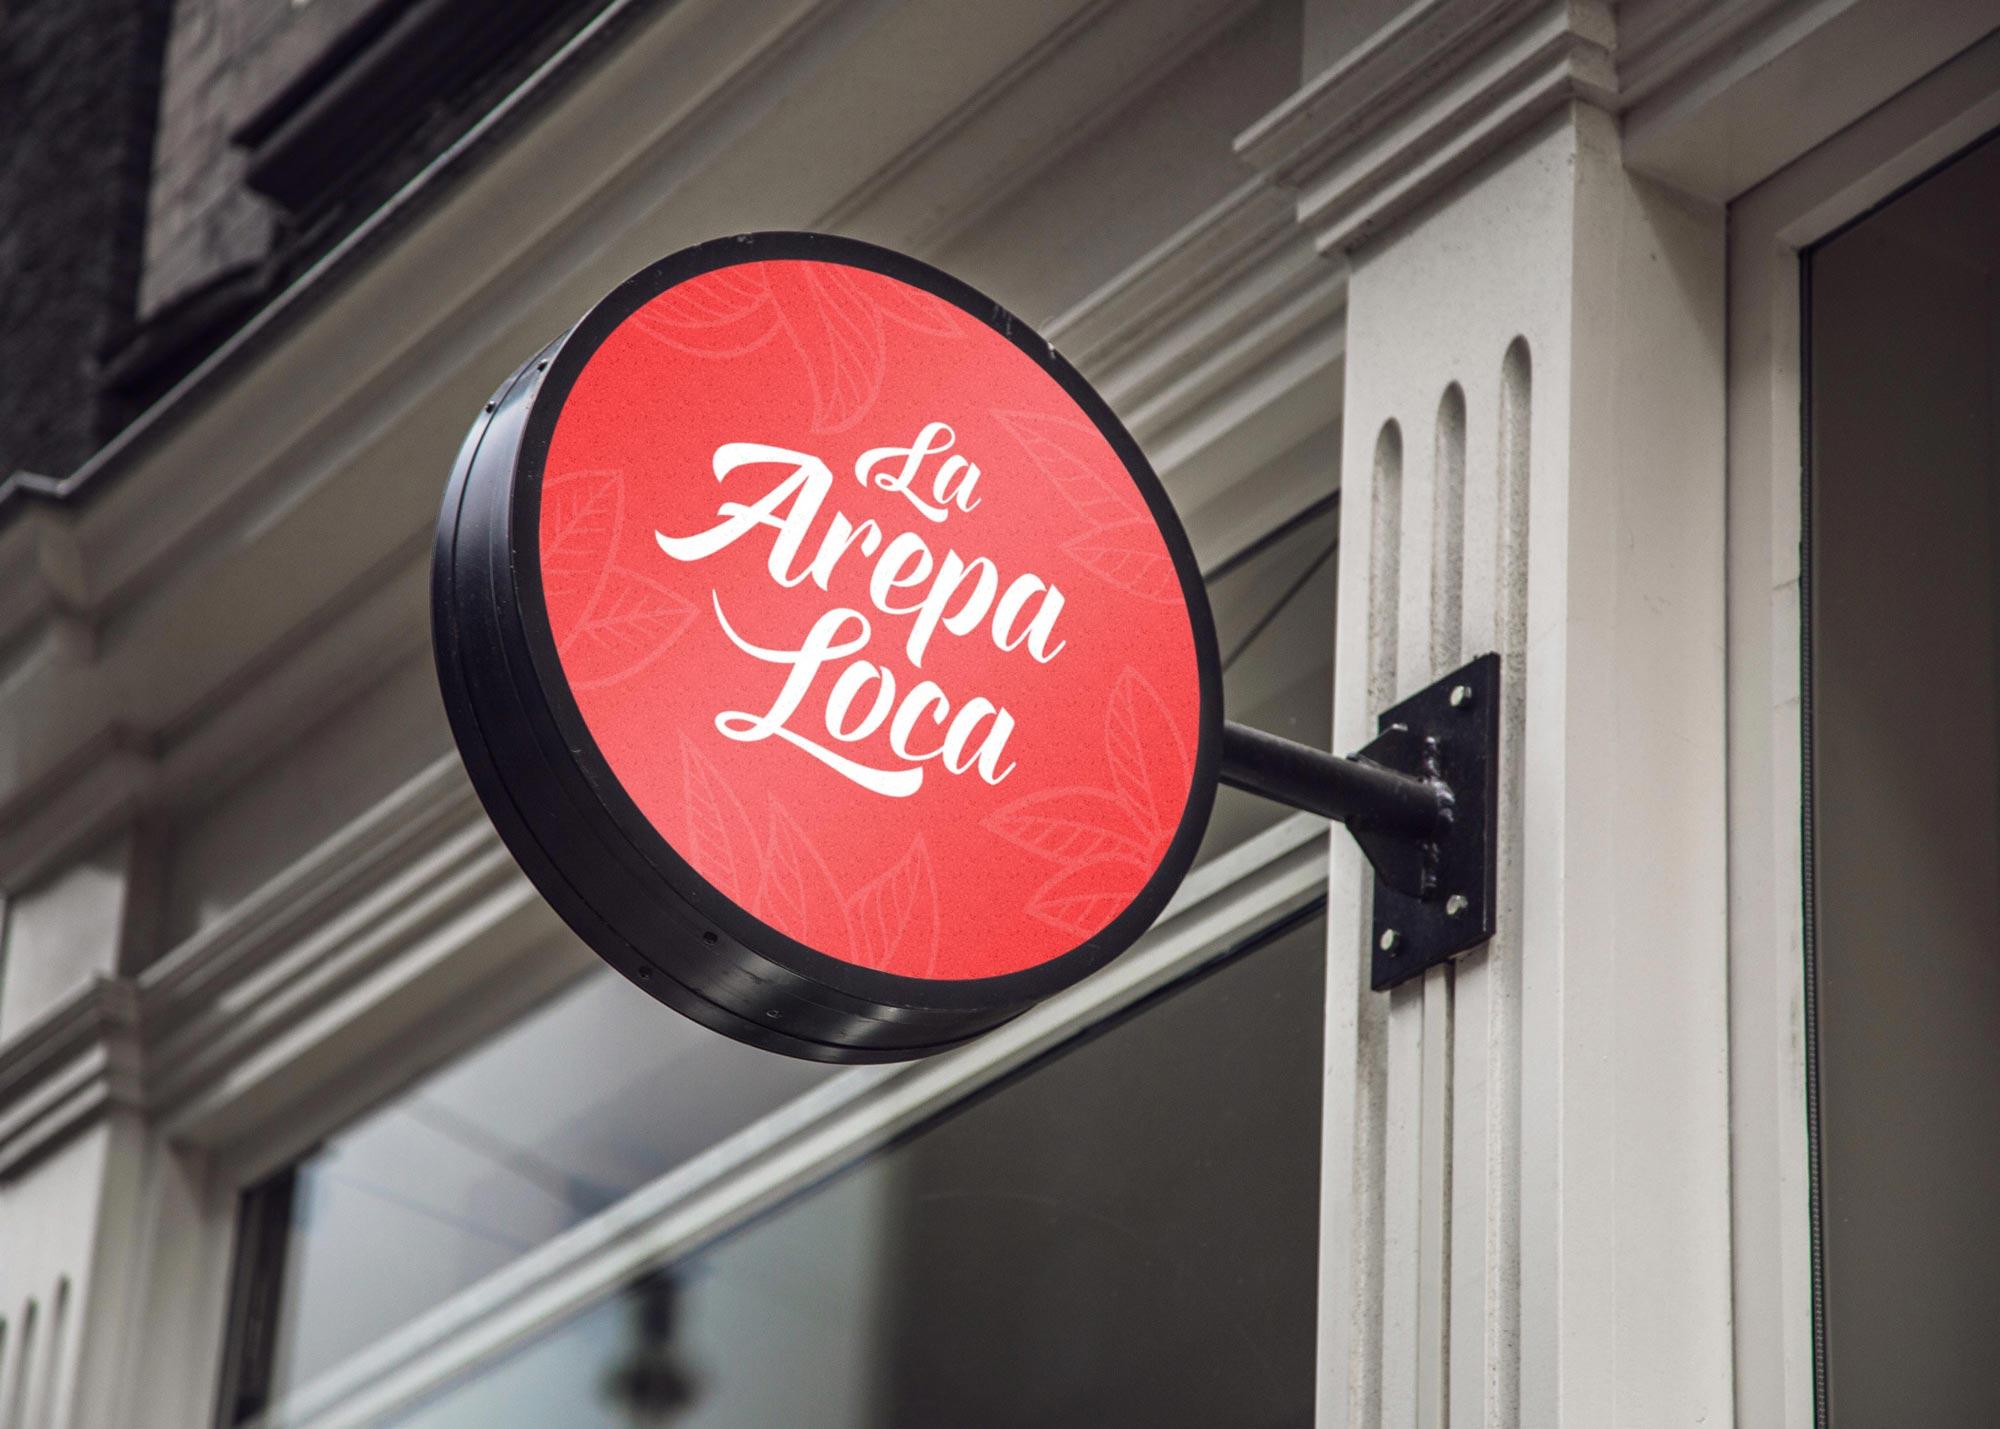 La Arepa Loca outside sign design